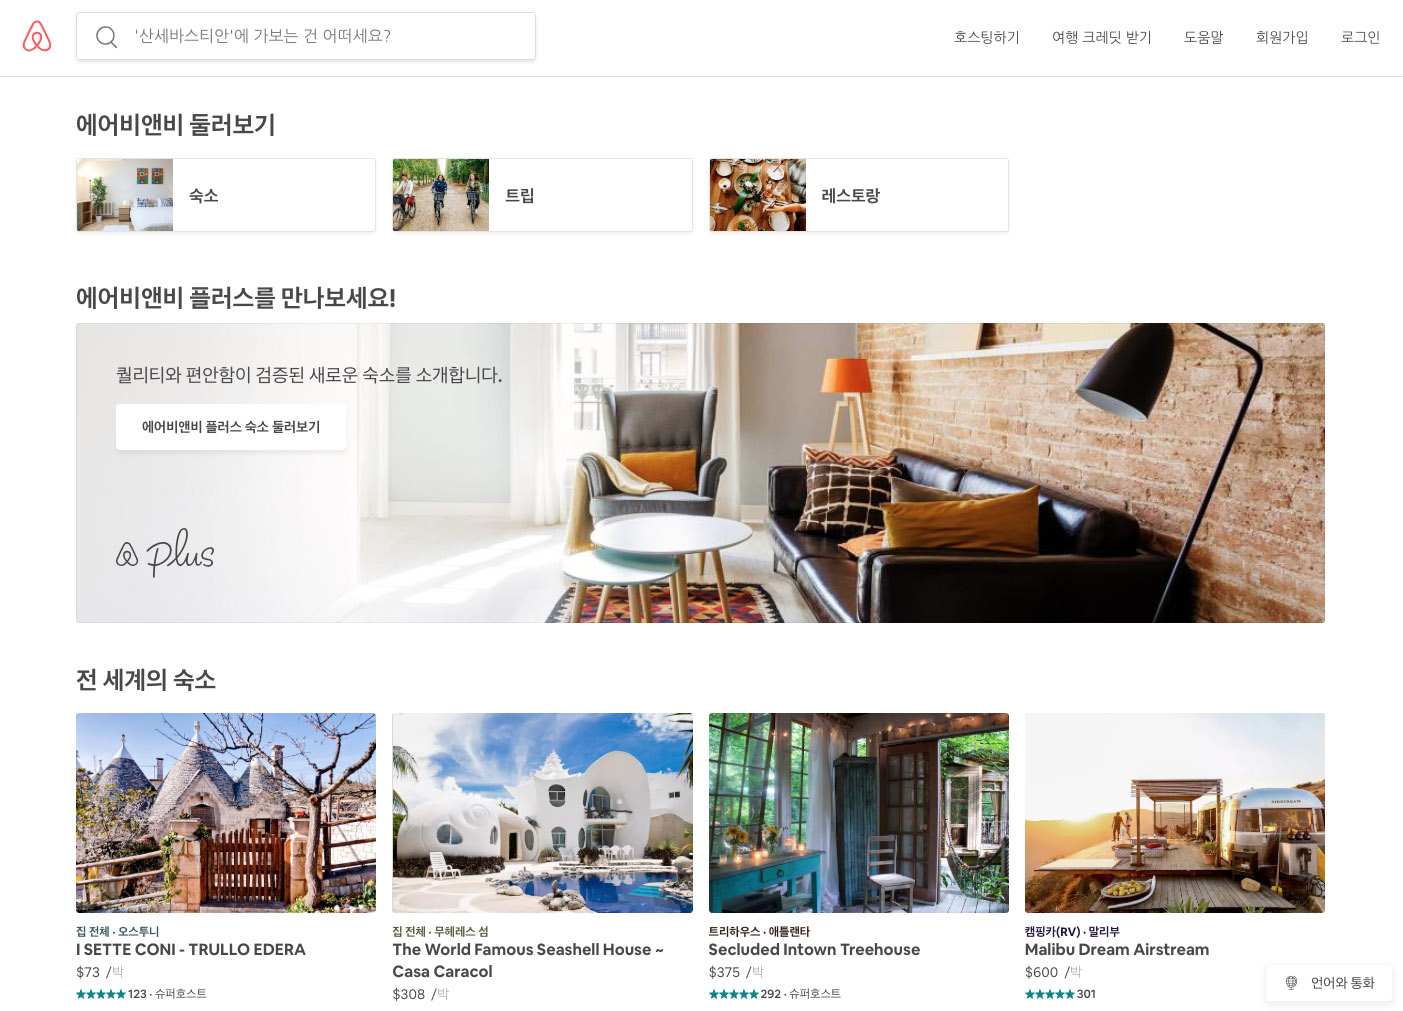 에어비앤비 한국어 홈페이지 ©Airbnb